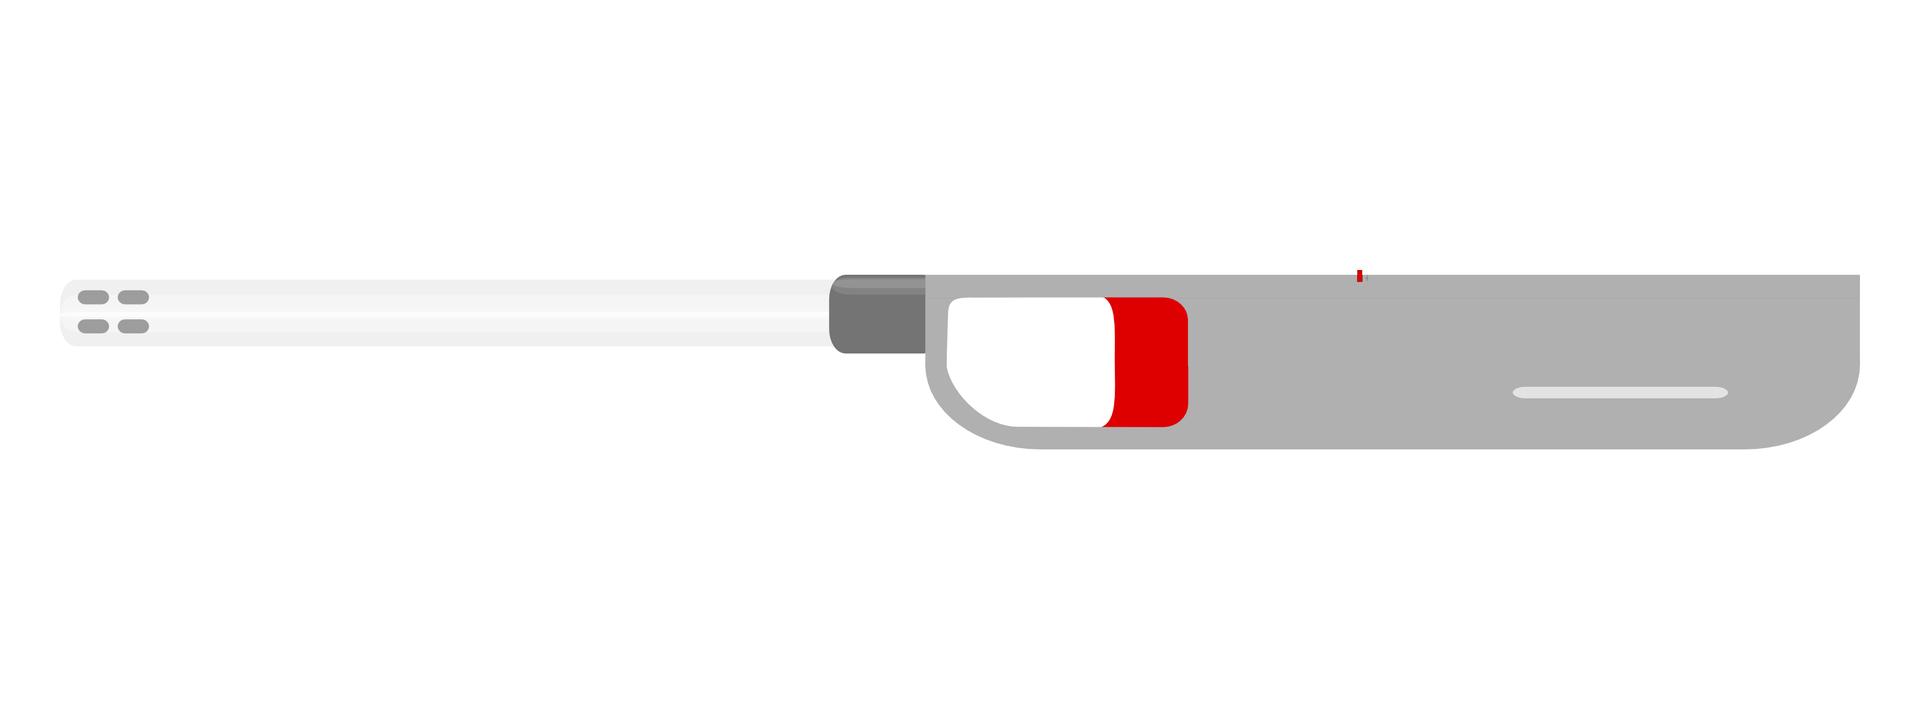 Rysunek przedstawia piezoelektryczną ręczną zapalarkę do gazu. Korpus podłużny, szary, wpołowie długości czerwony przycisk spustowy, po lewej stronie na końcu wąskiej srebrnej rurki wylot iskrownika.